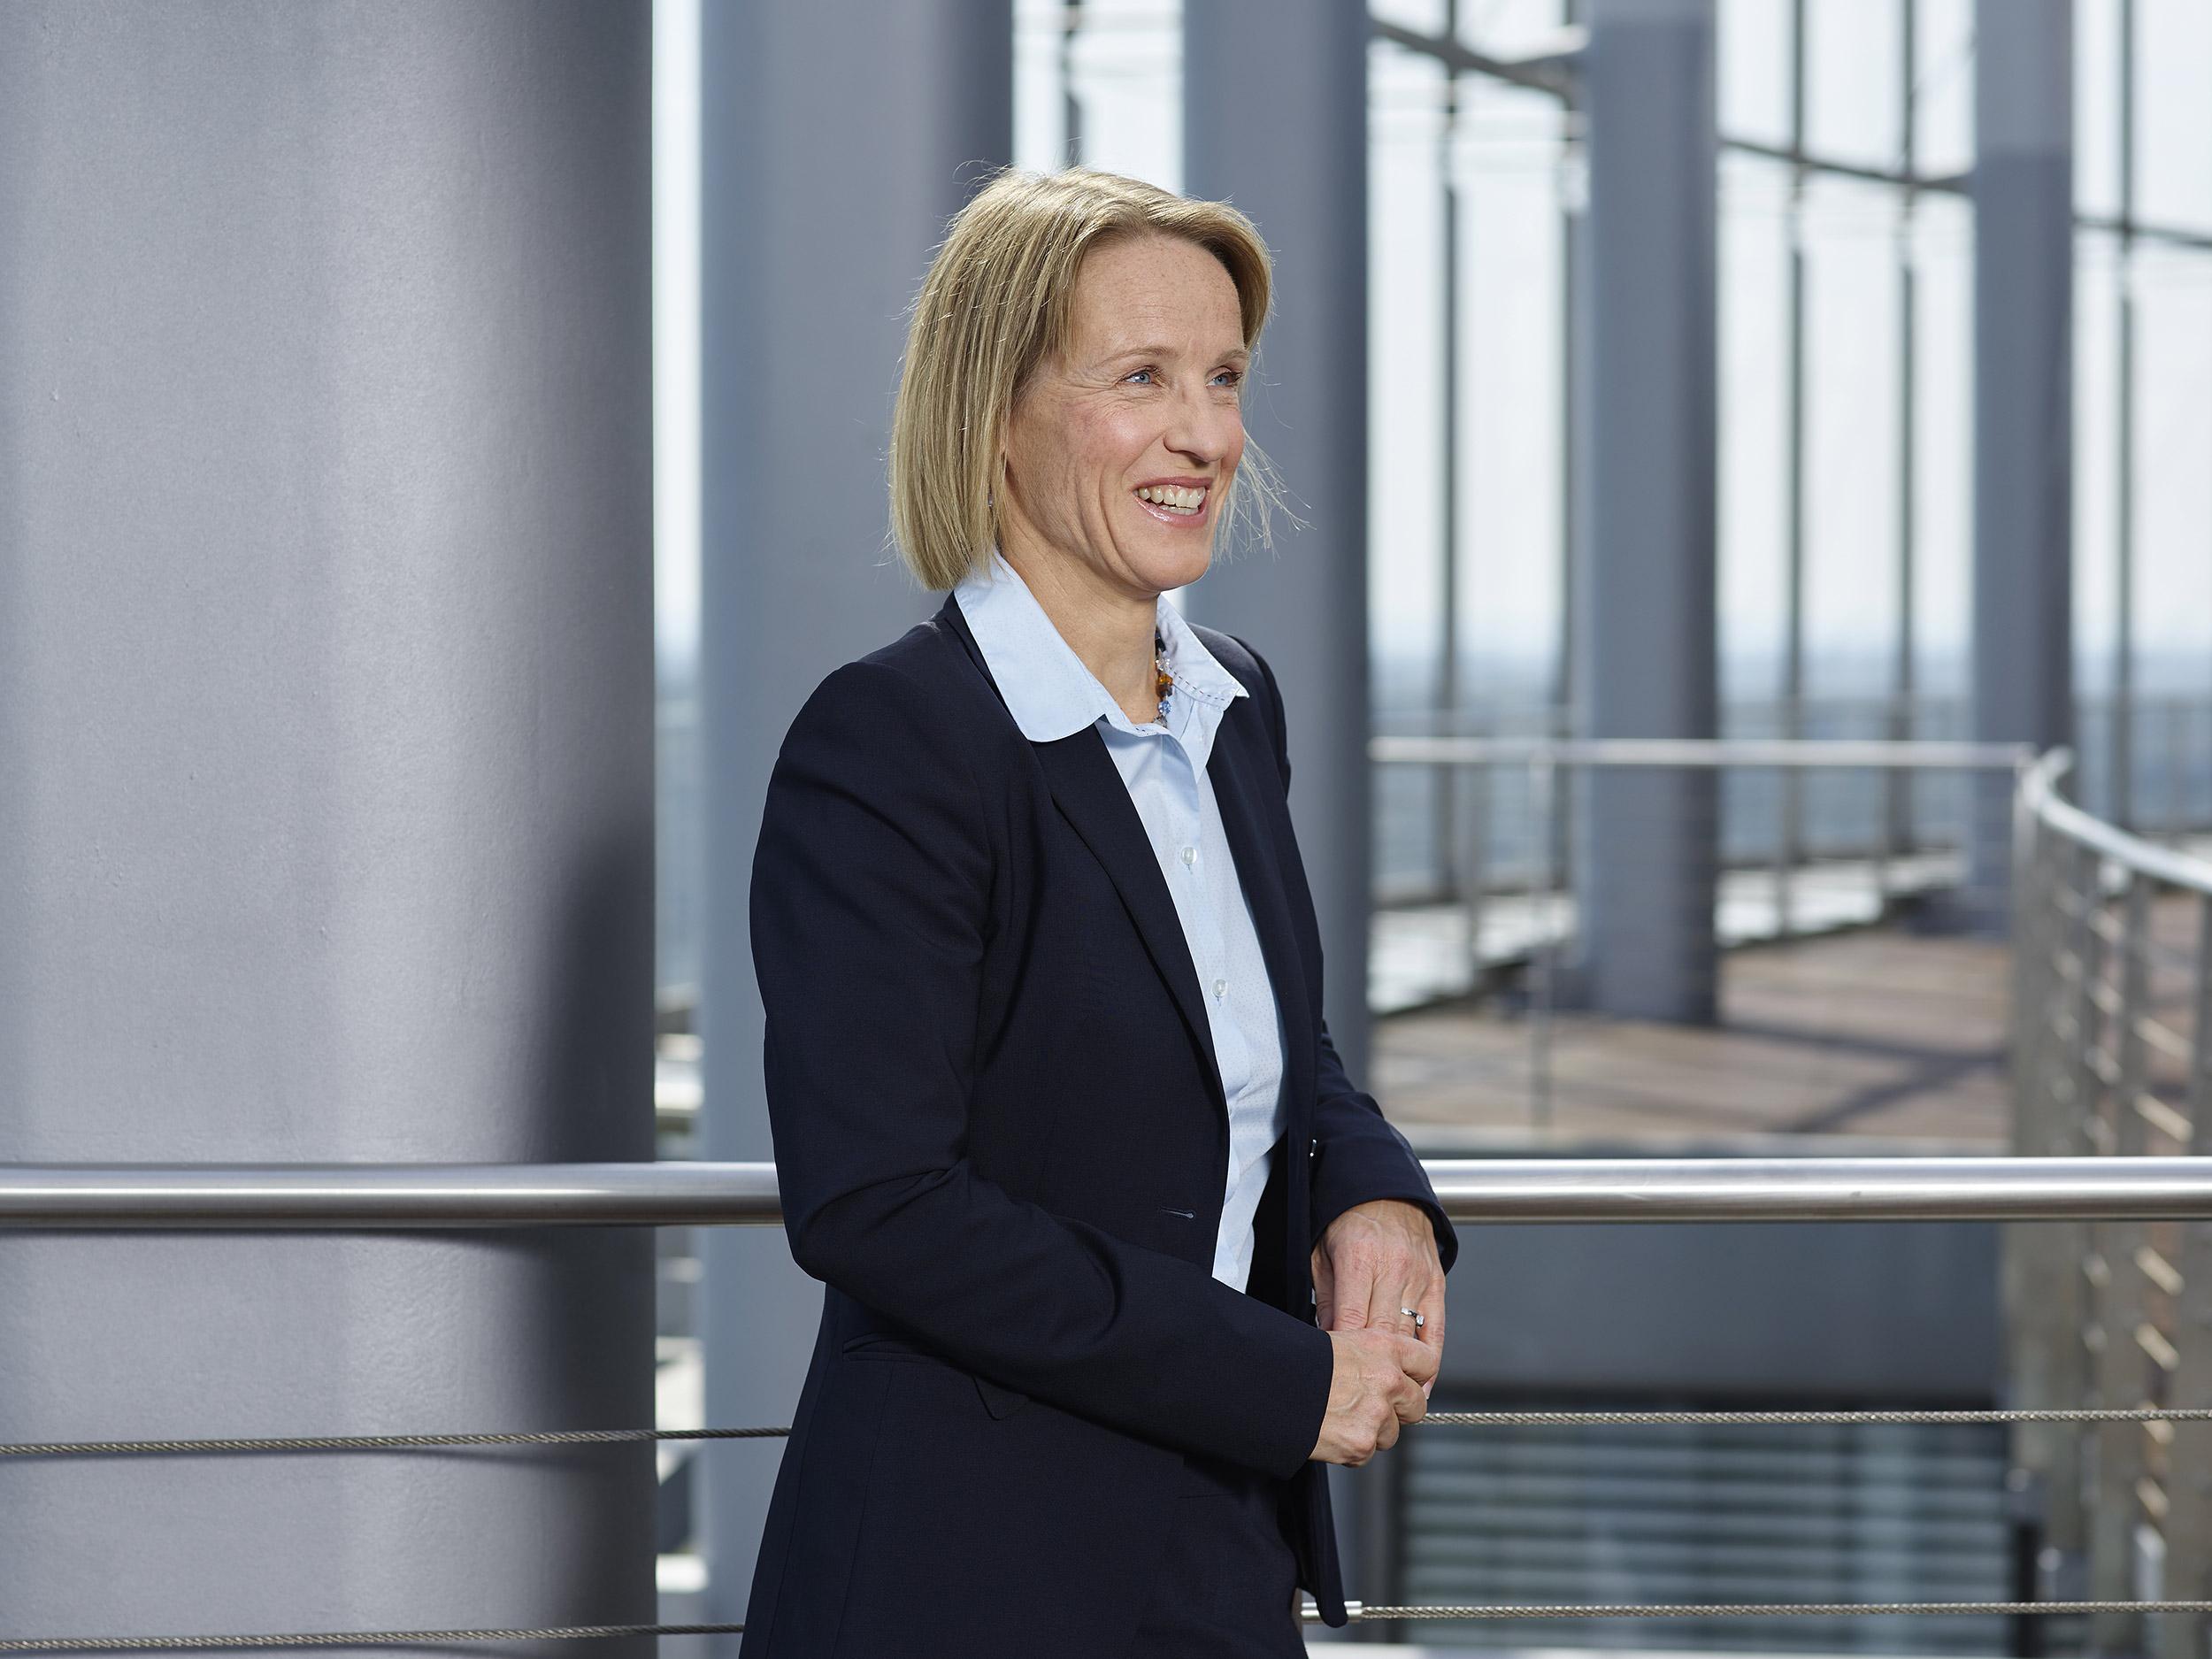 Blonde Frau in heller Bluse und dunklen Anzug steht an einem Geländer und lacht zur Seite auf einer Dachterrasse